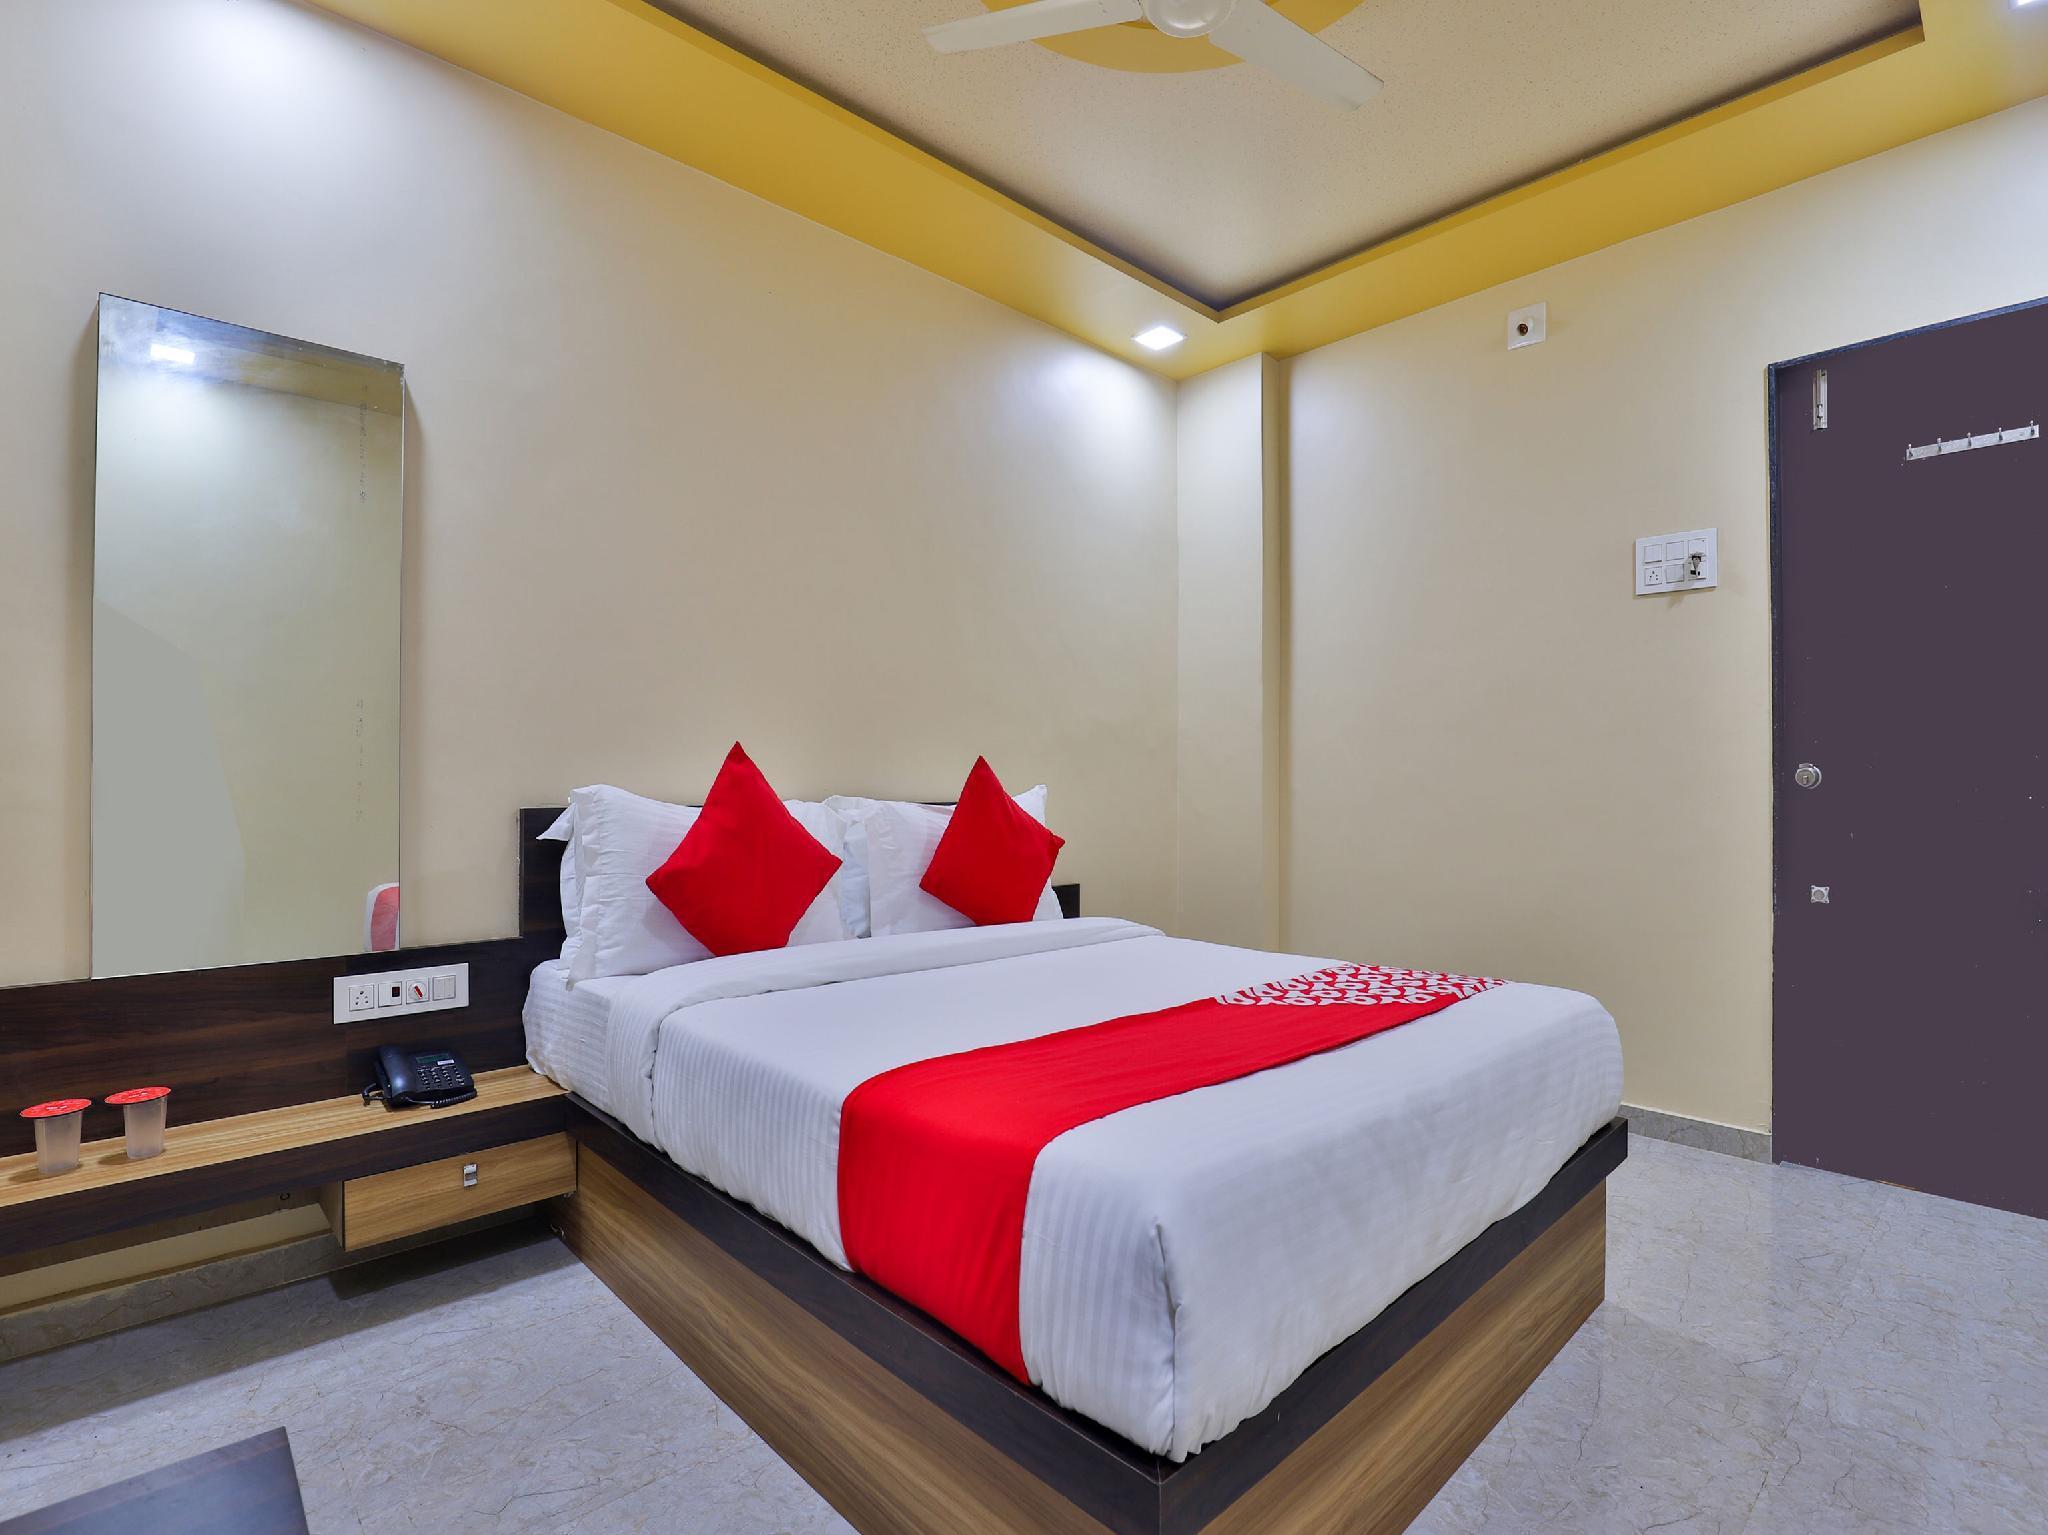 OYO 17339 Hotel Daksh Somnath, Gir Somnath